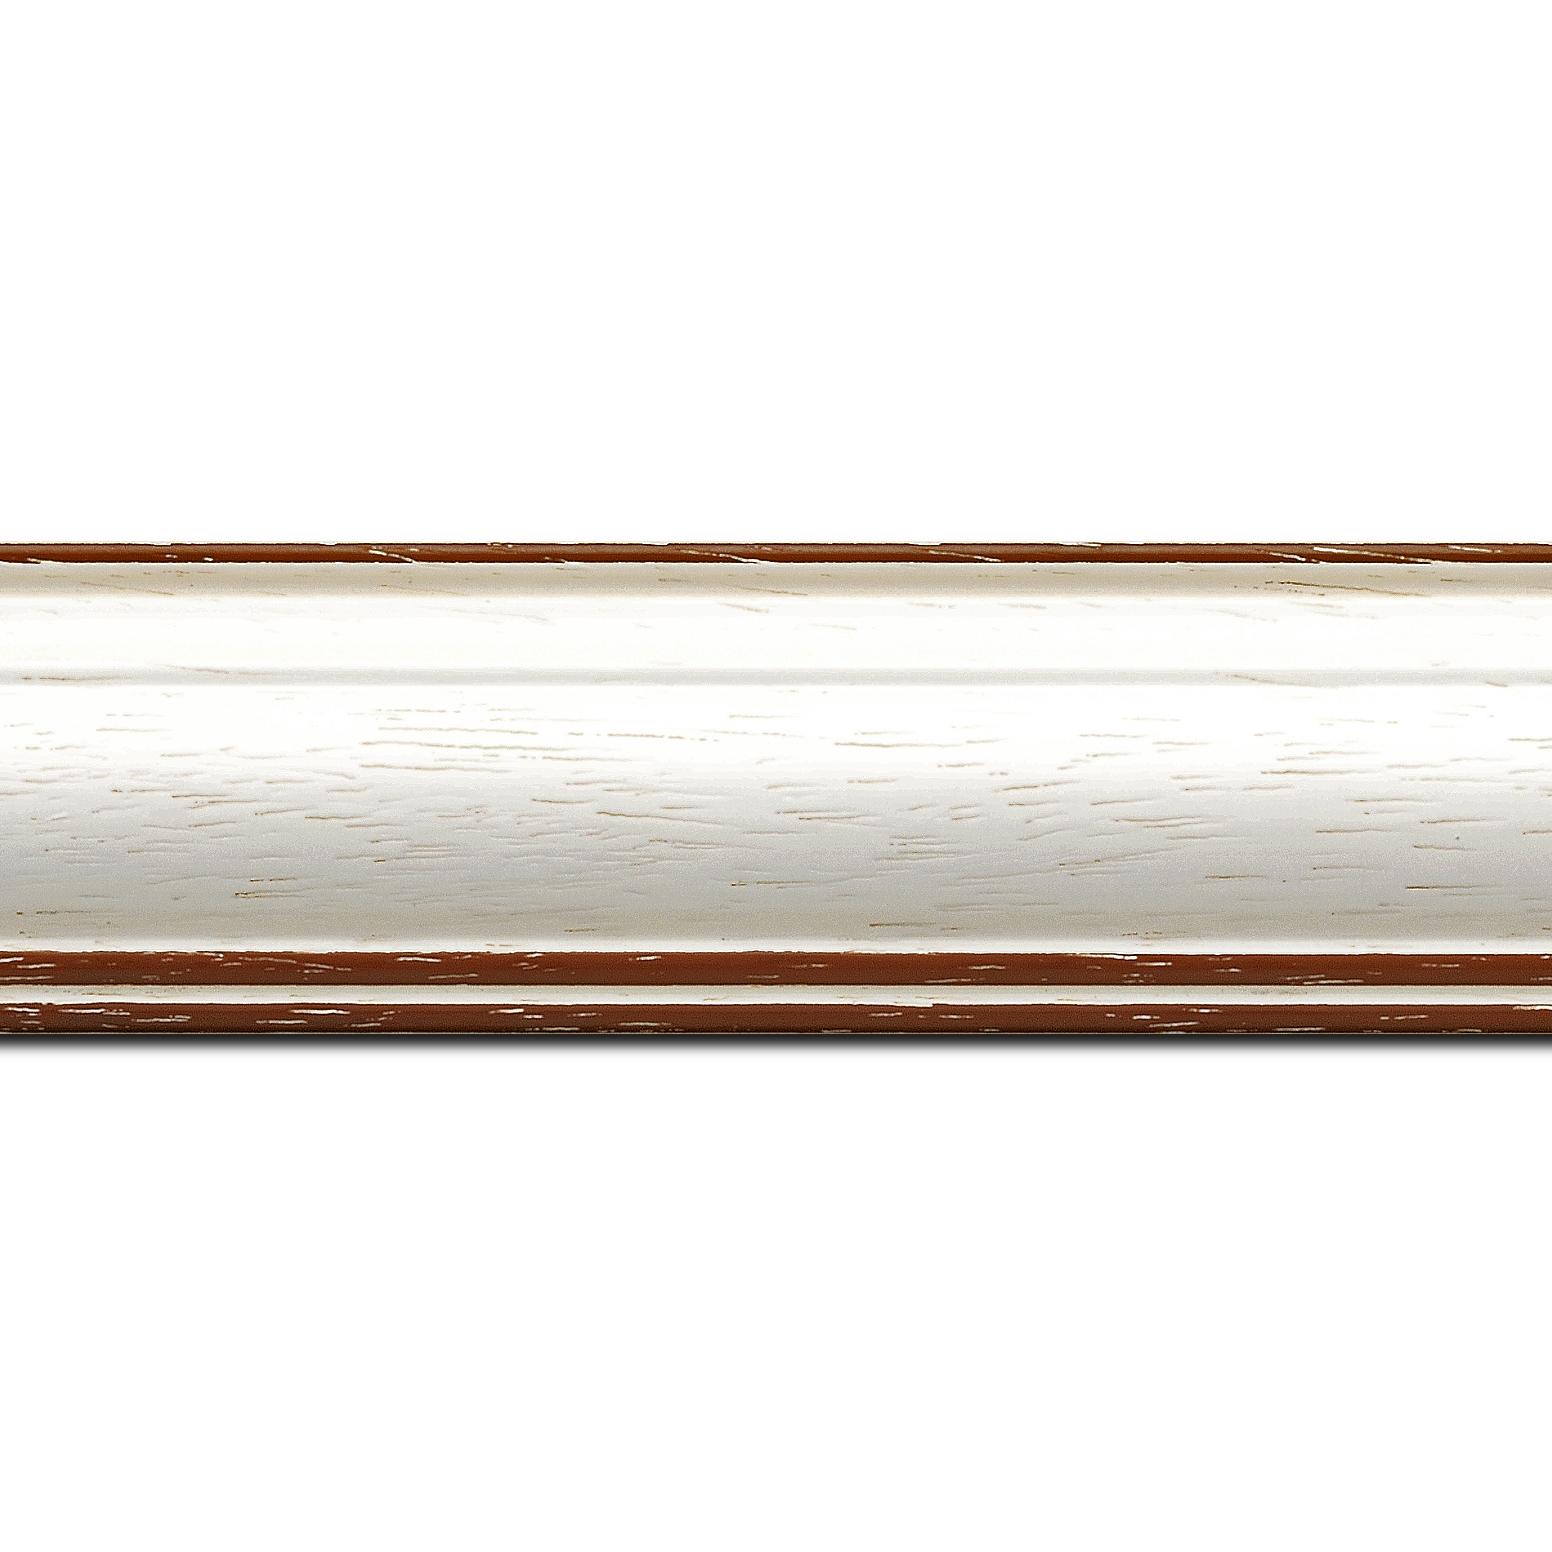 Pack par 12m, bois profil bombé largeur 5cm couleur blanchie satiné filet marron foncé (longueur baguette pouvant varier entre 2.40m et 3m selon arrivage des bois)